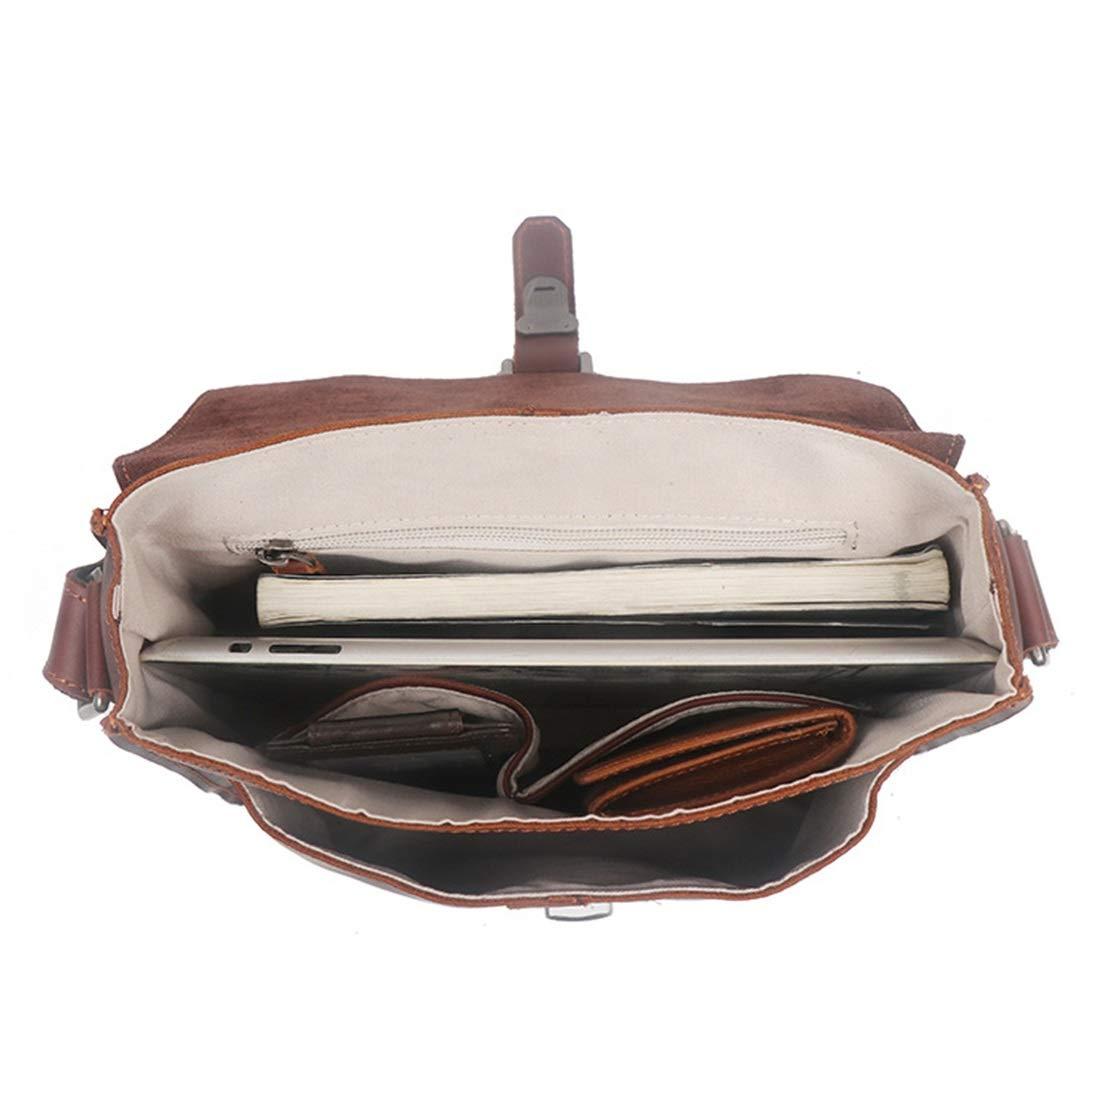 Color : Brown1 KRPENRIO Mens Vintage Genuine Leather Briefcase Messenger Shoulder Bag Tote Bag Satchel Crossbody Bag